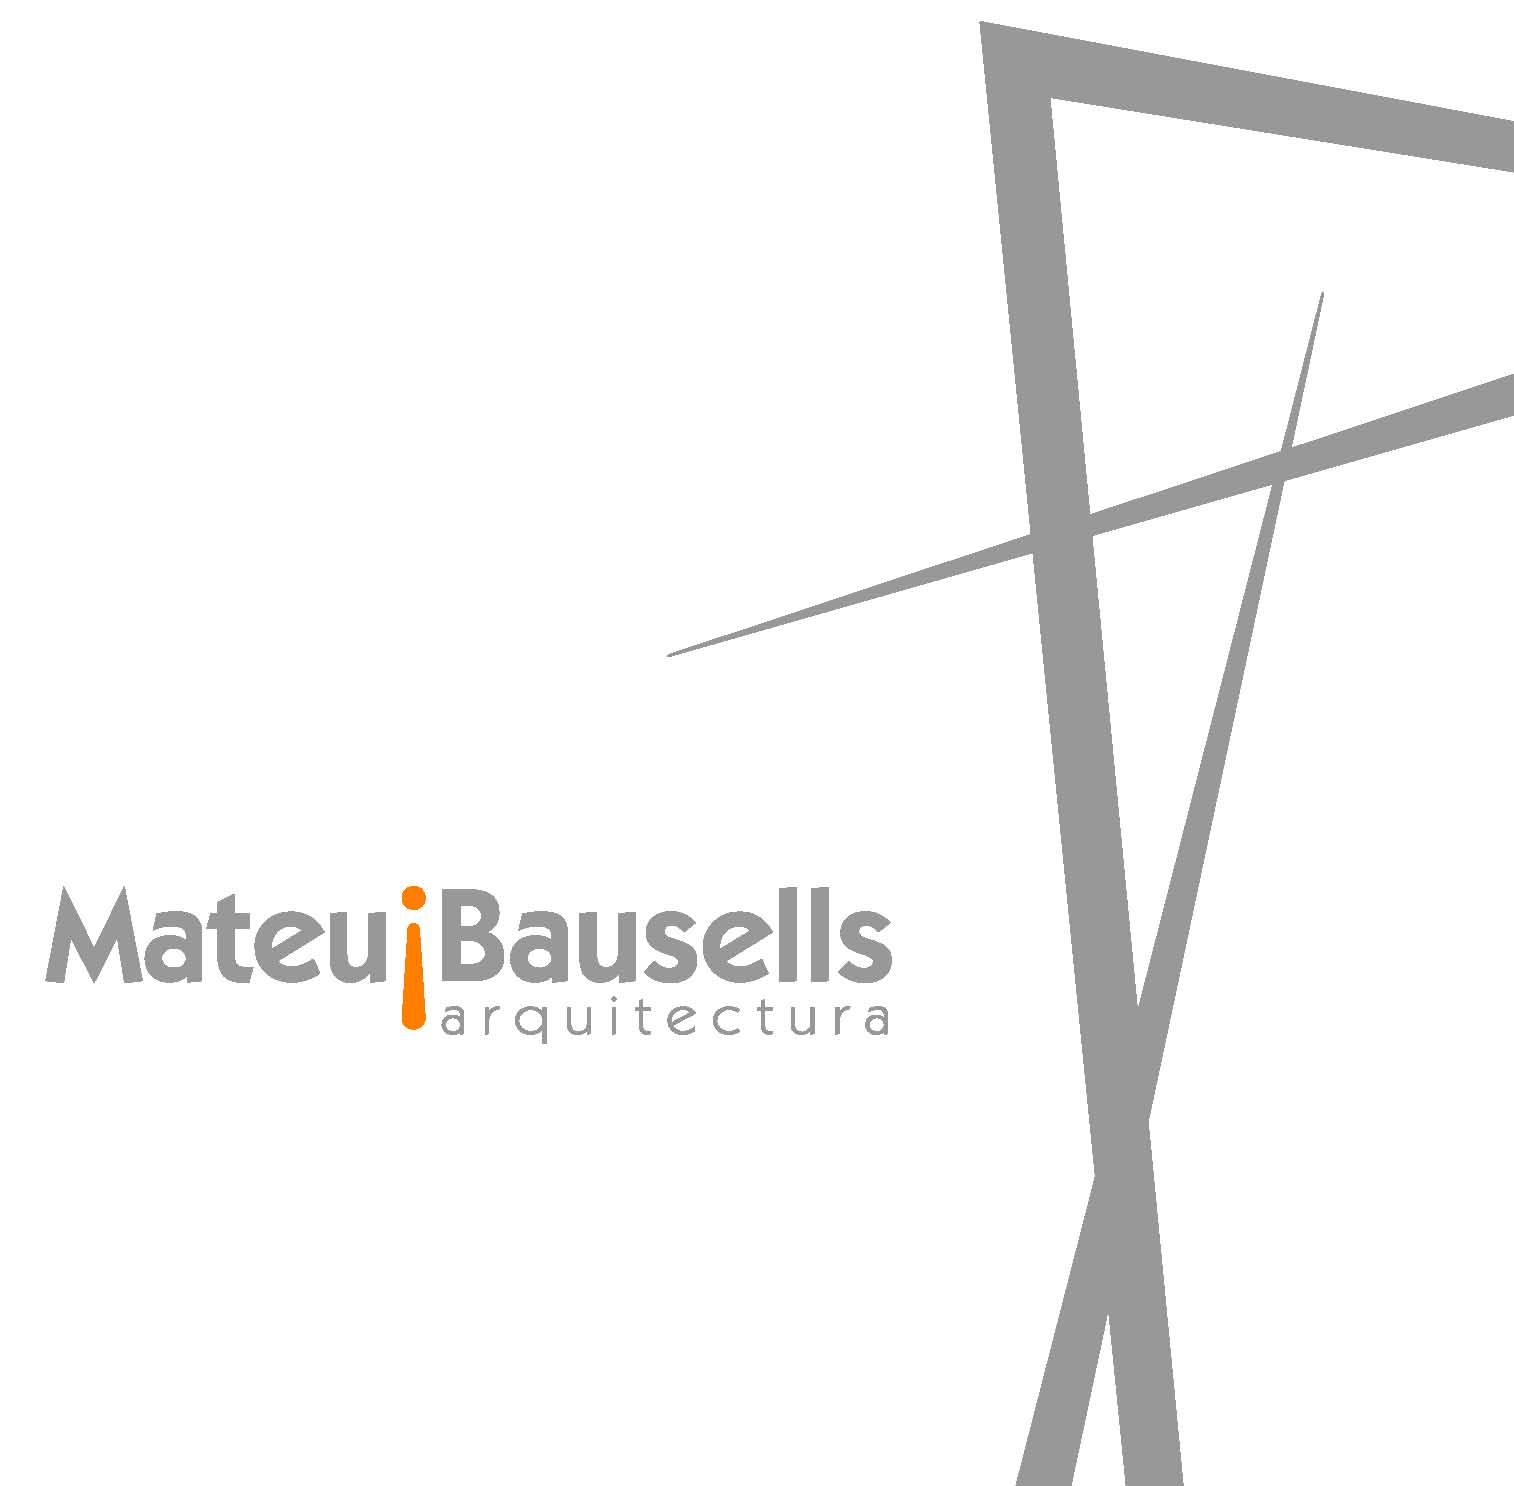 Mateu i Bausells  Arquitectos SLP